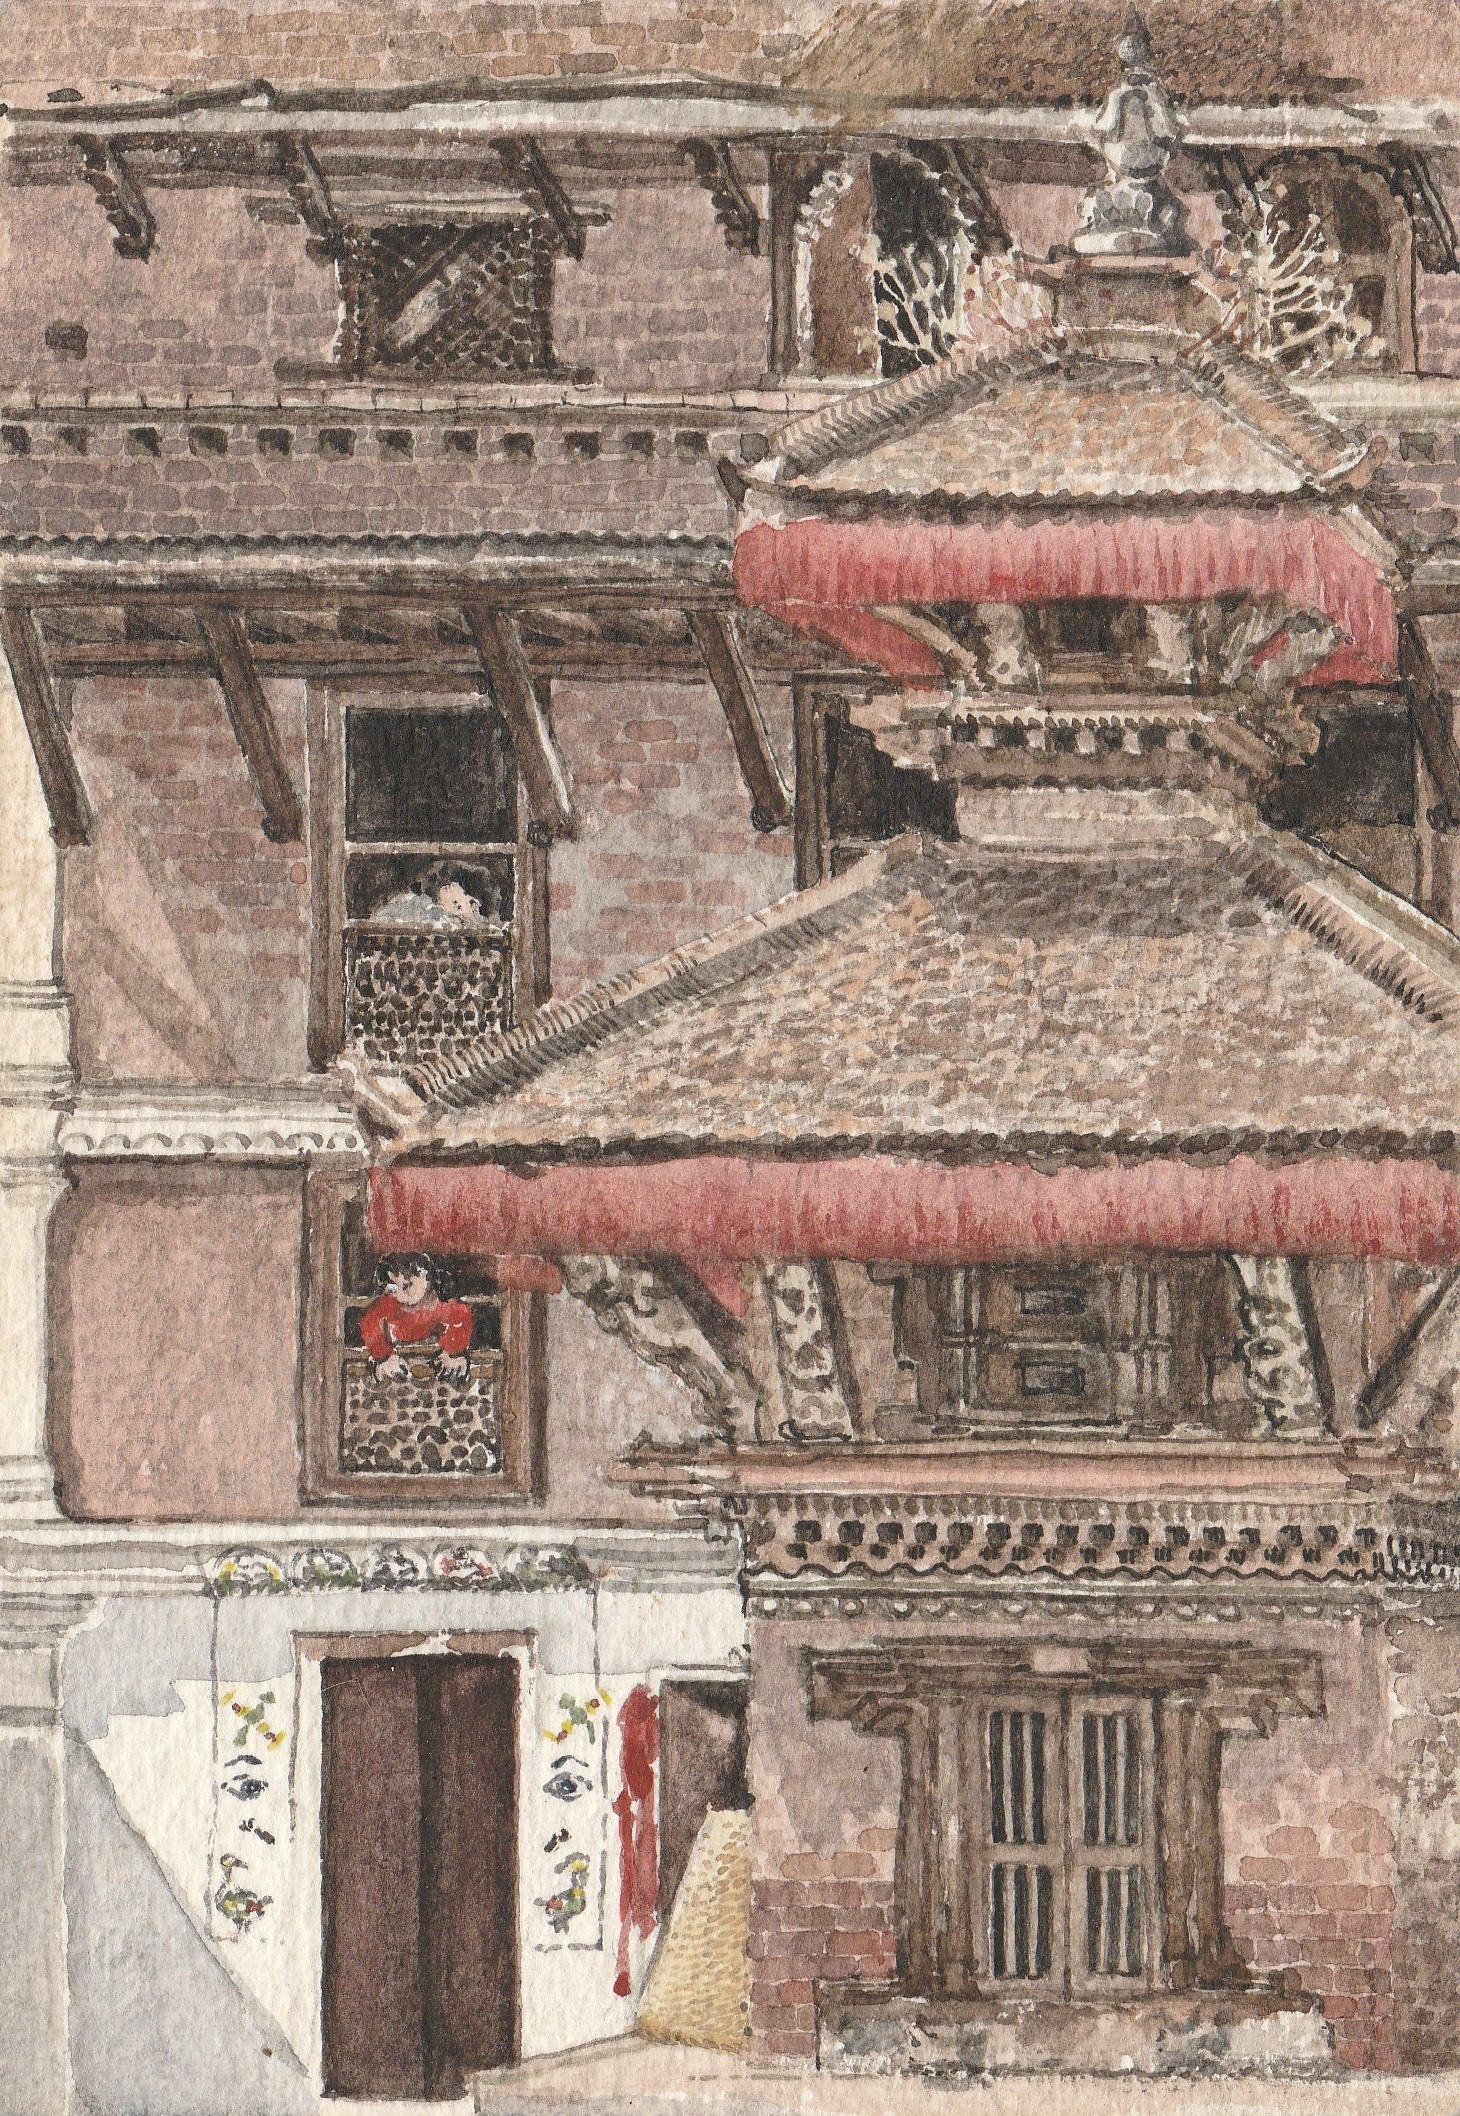 Bhaktapurtemple